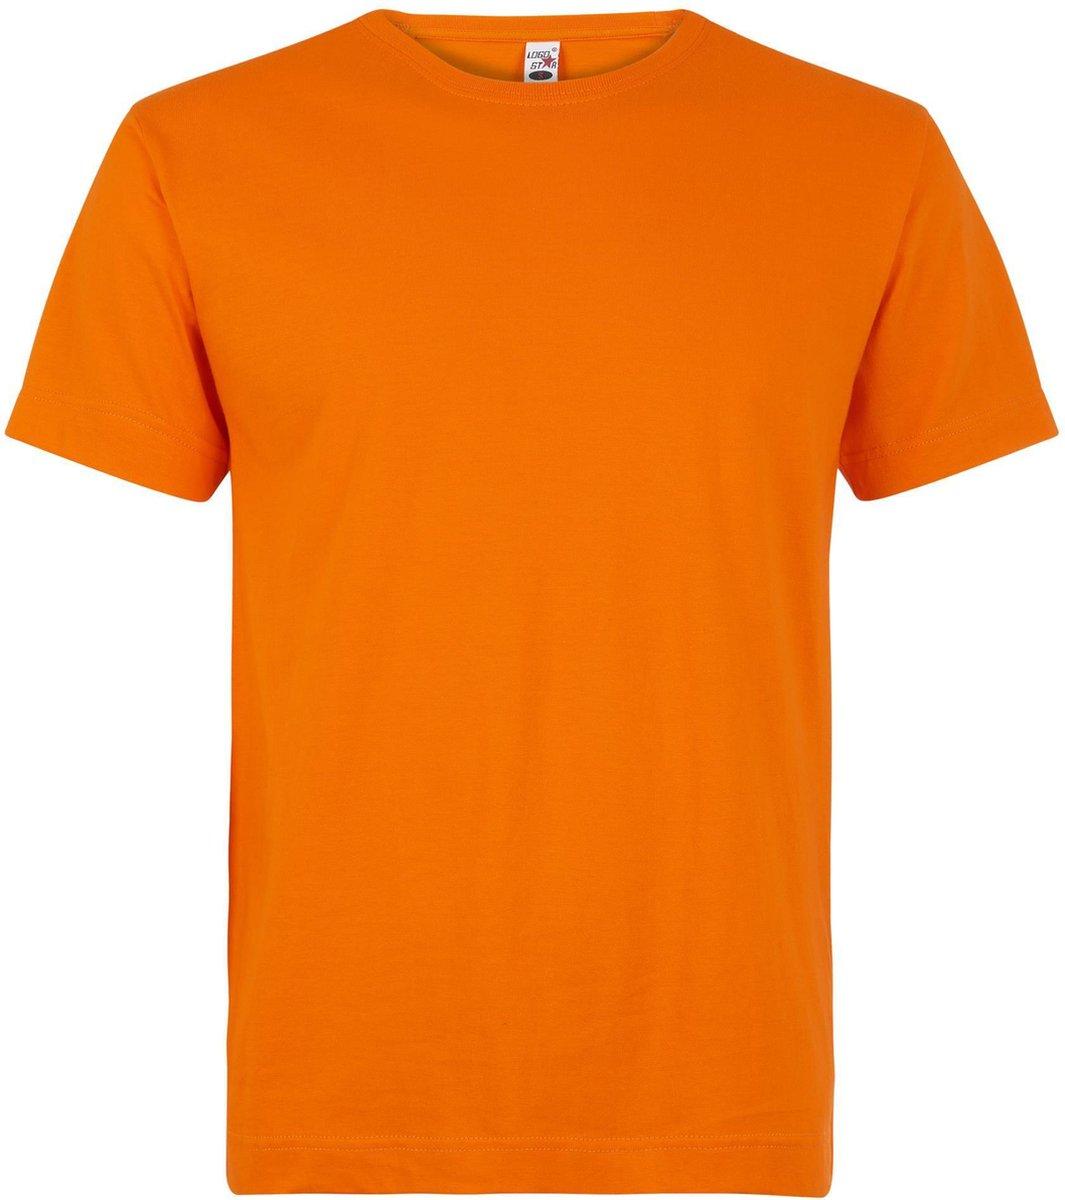 Oranje grote maten t-shirts 2xl Oranje